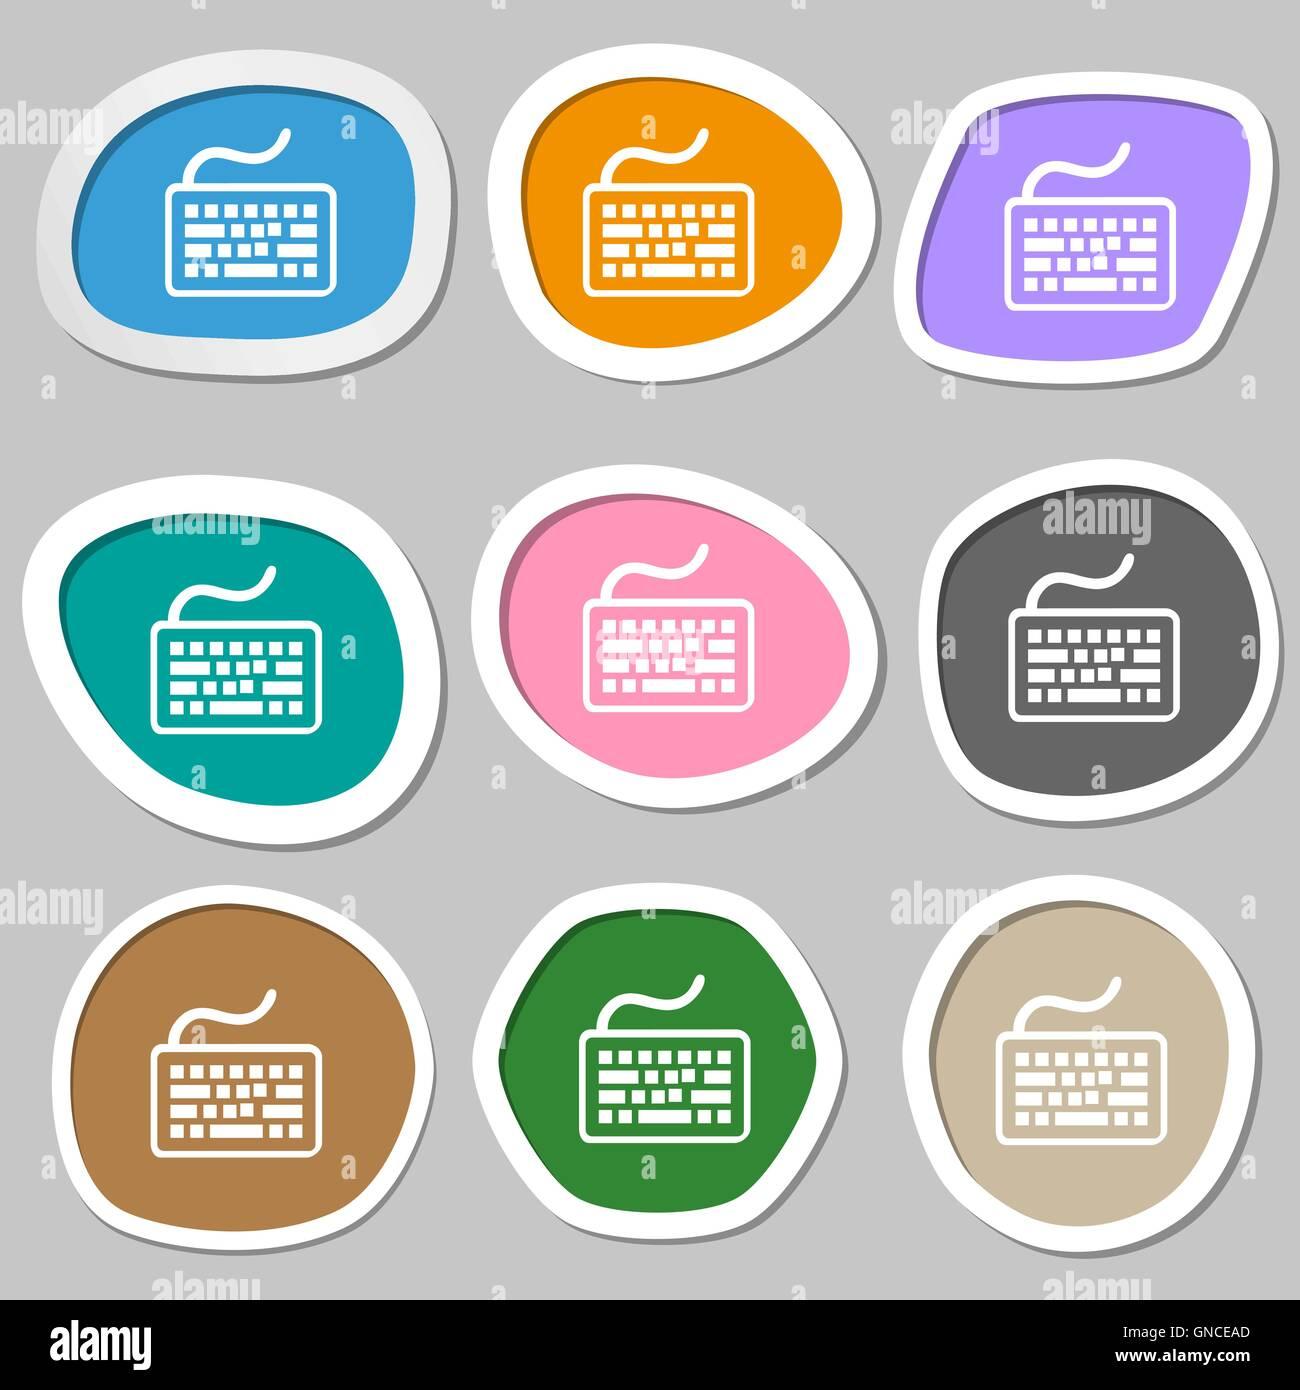 Keyboard Symbols Stock Photos & Keyboard Symbols Stock Images - Alamy